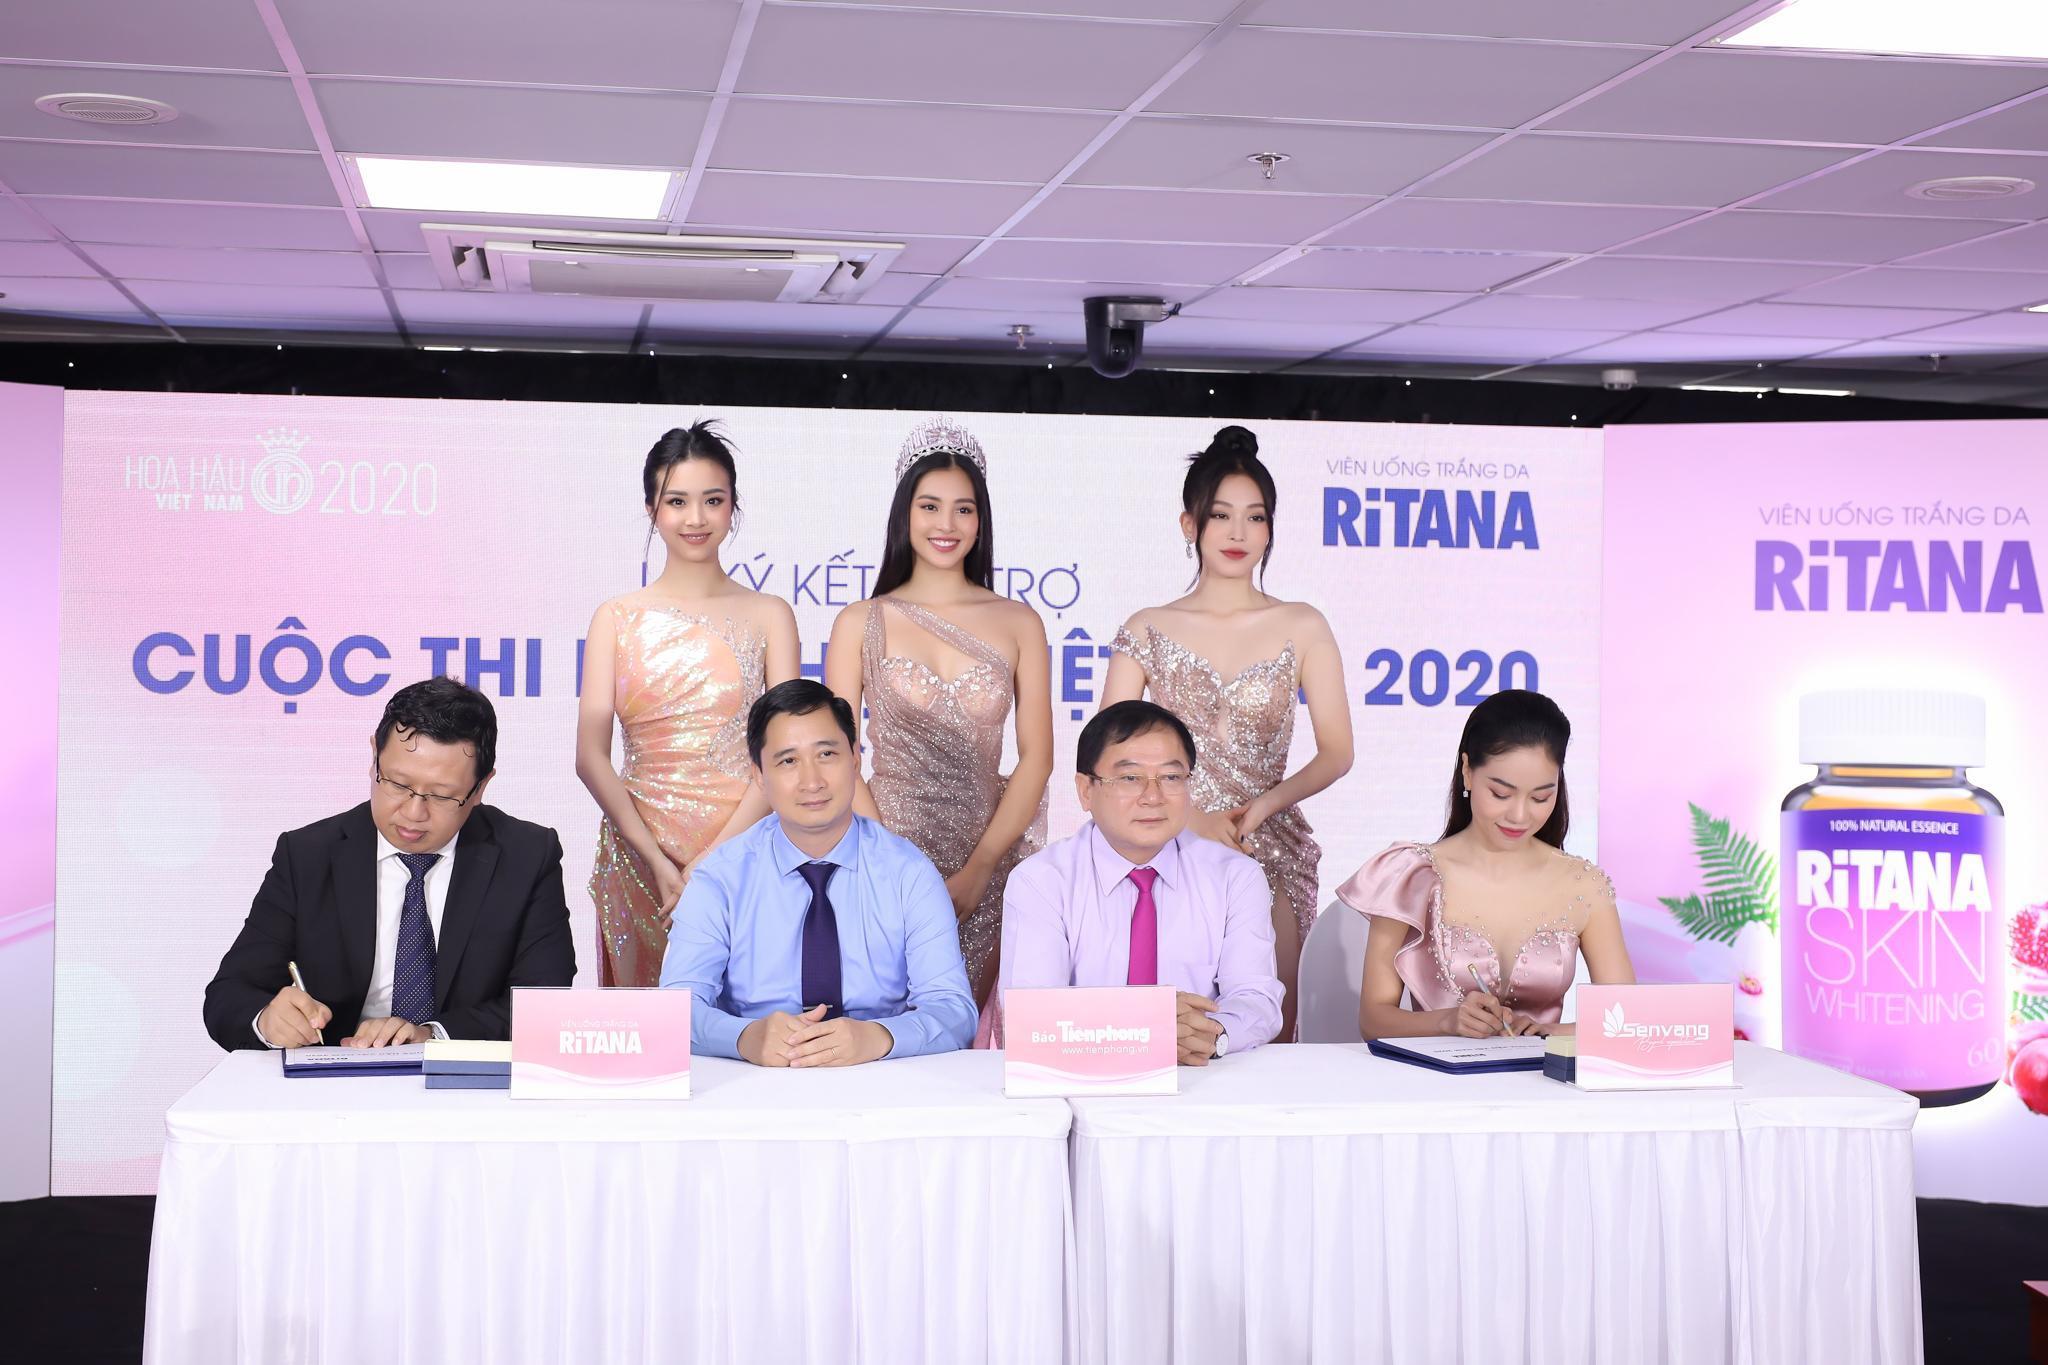 Nhãn hàng RiTANA trở thành nhà tài trợ Sắc đẹp & Sức khỏe cho các thí sinh dự thi HHVN 2020 - Ảnh 1.